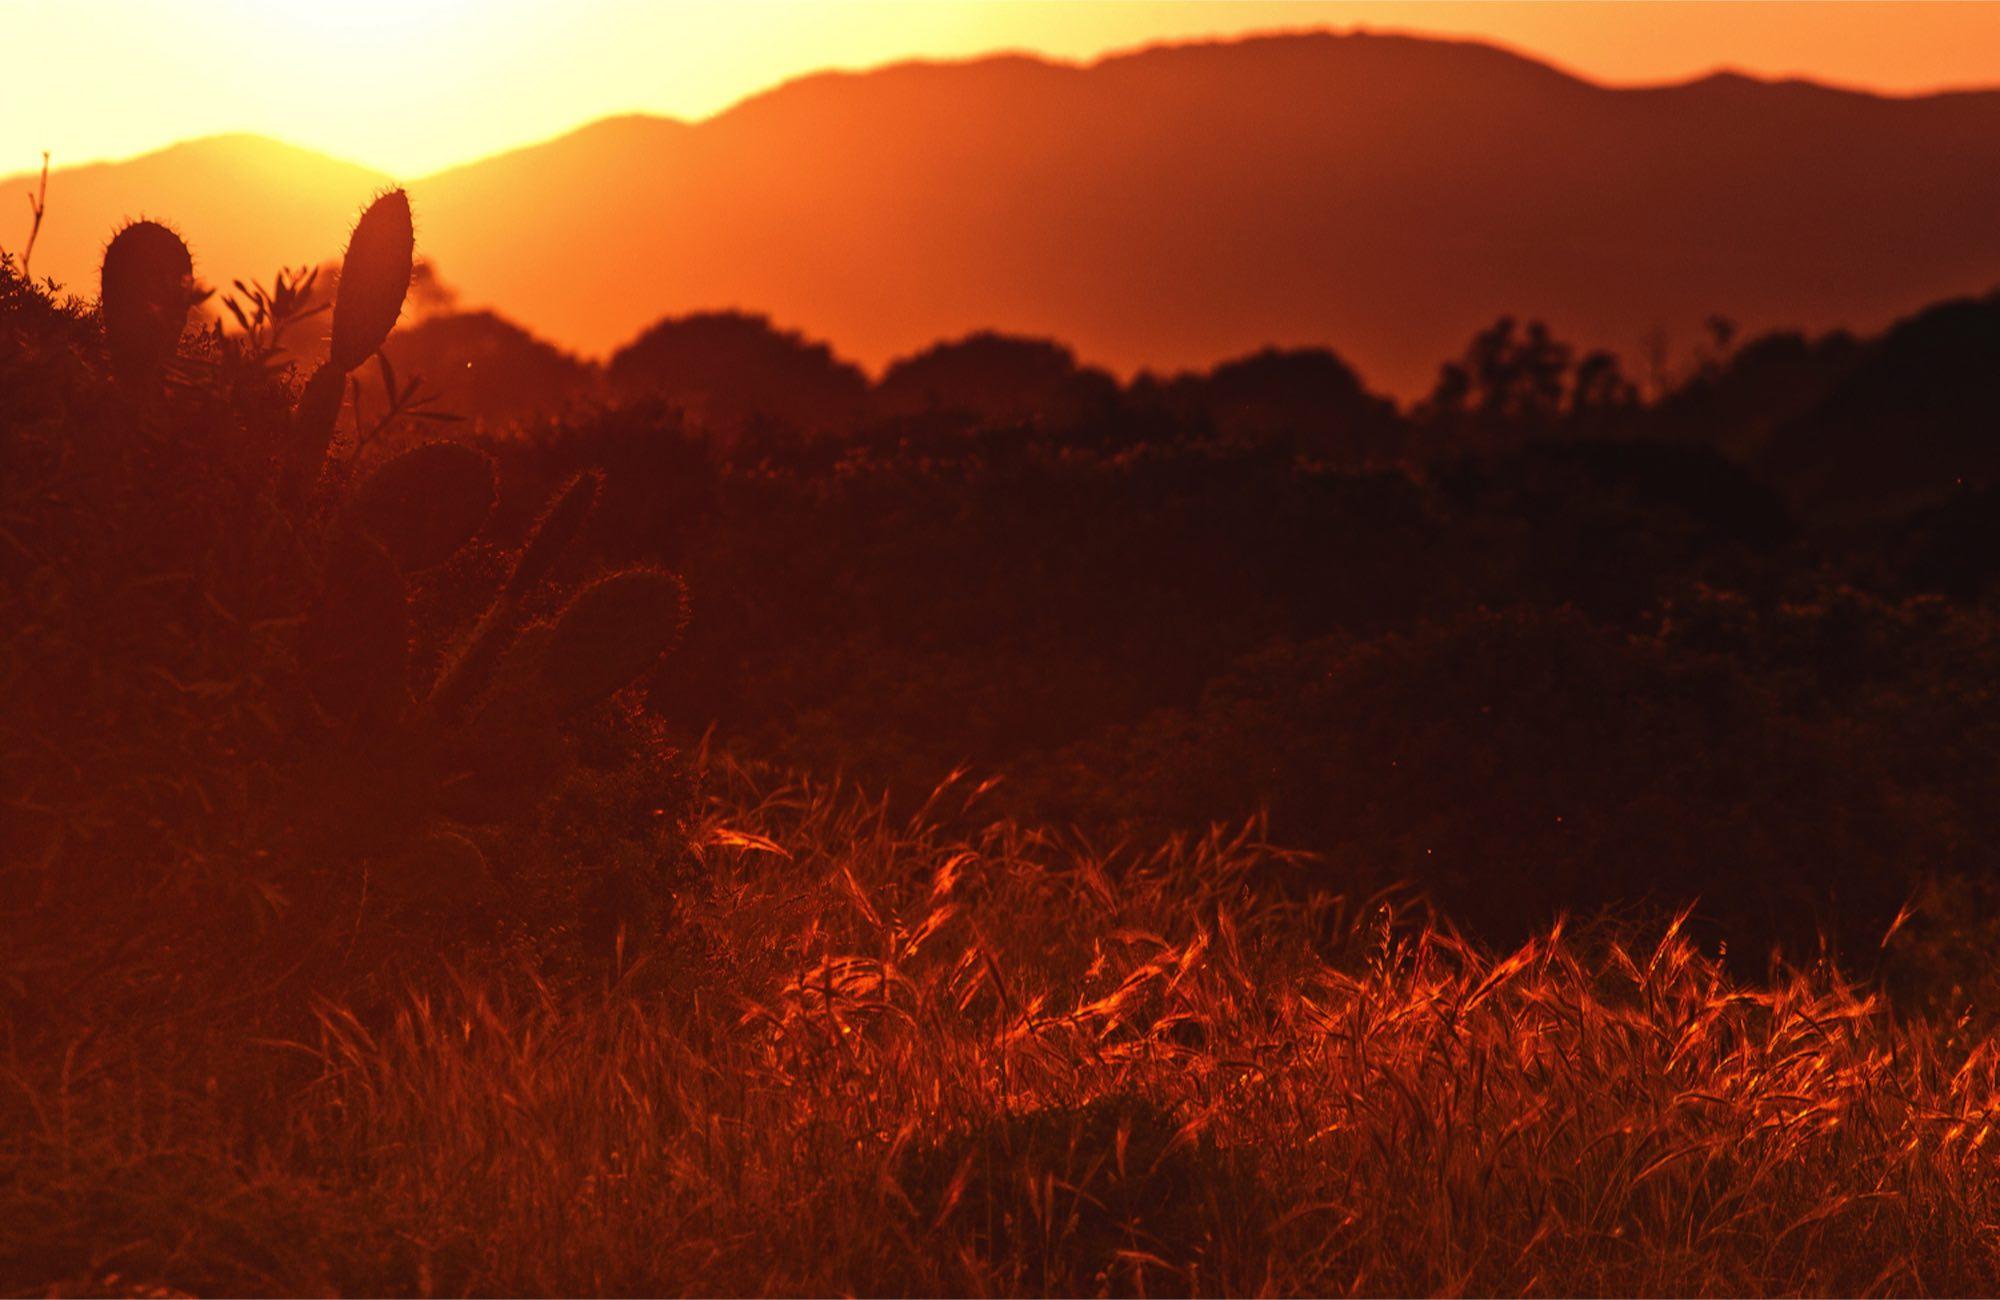 sun setting on a desert scene